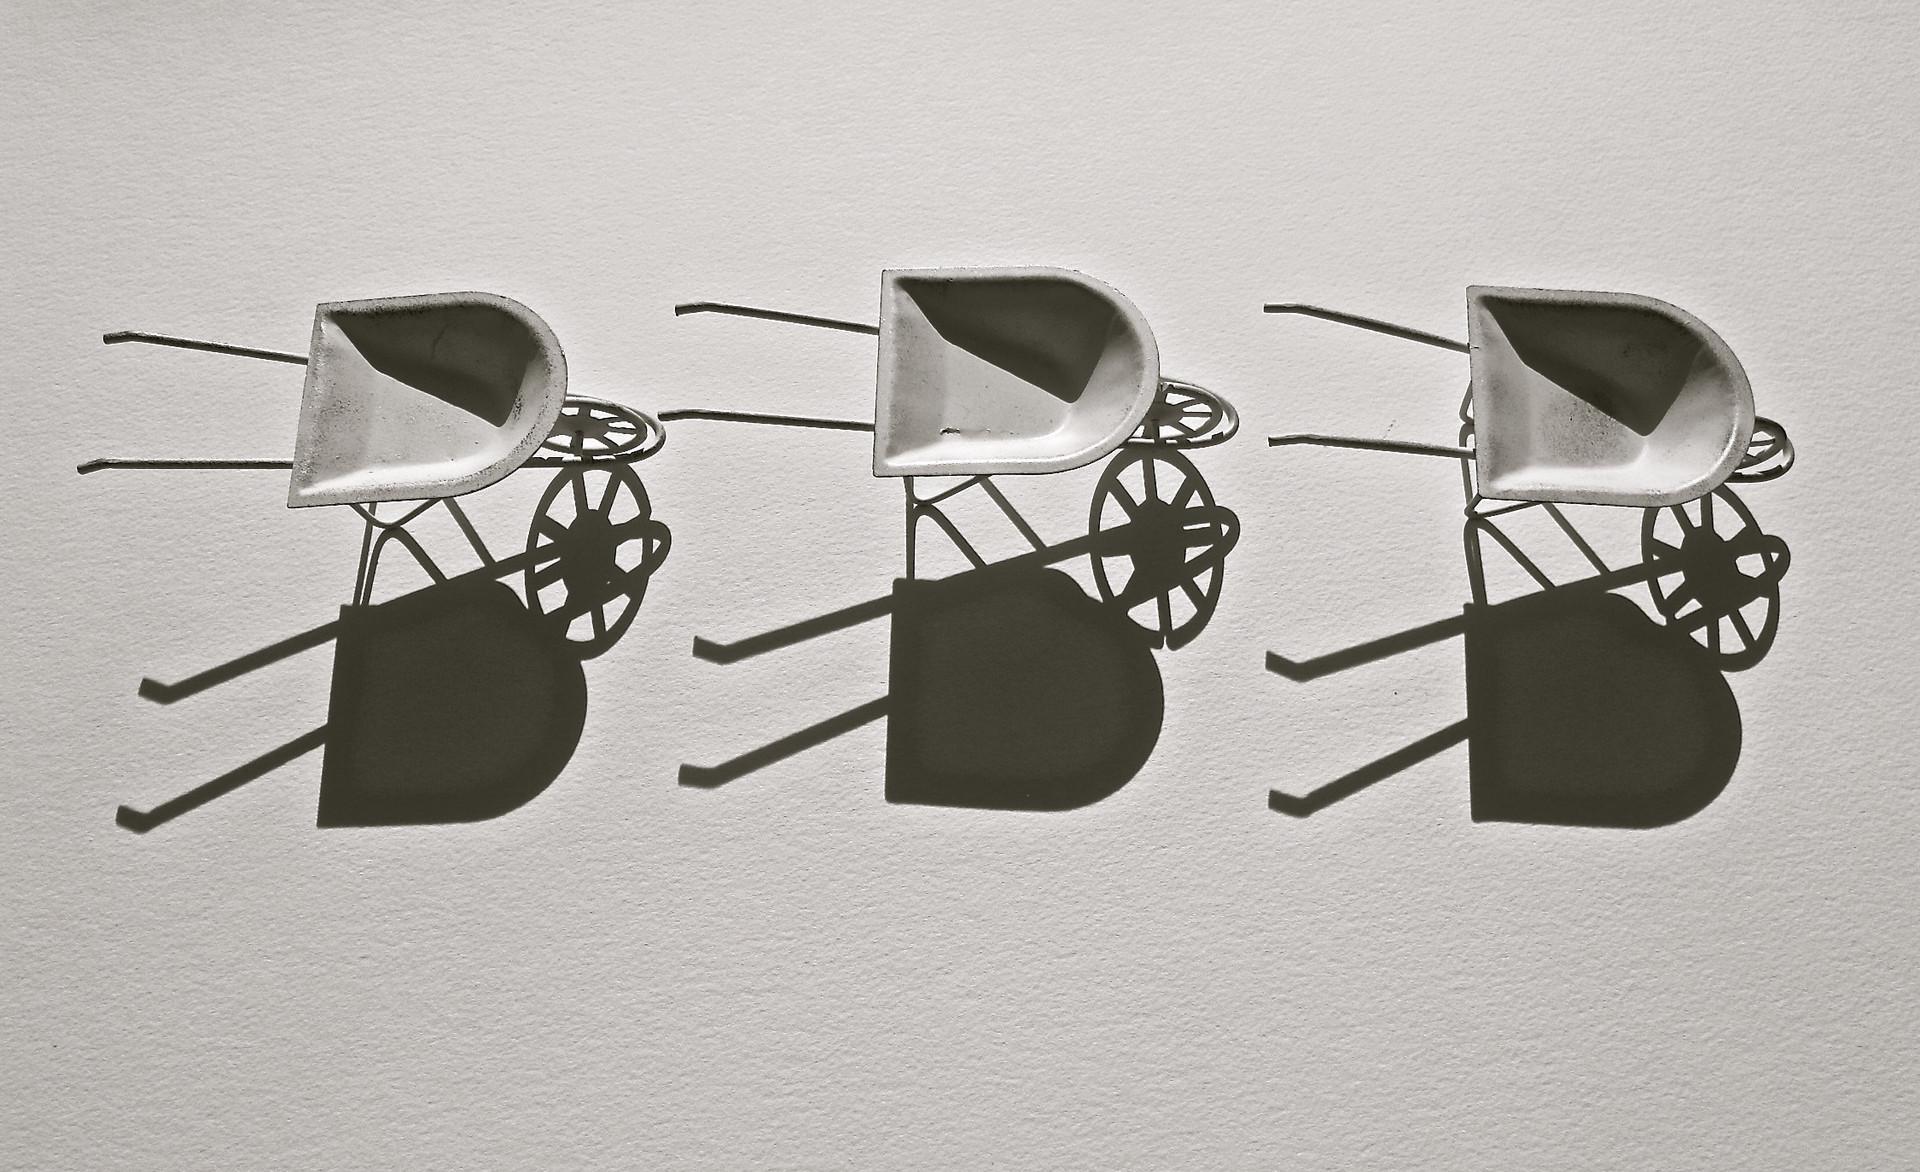 3 Wheelbarrows 1